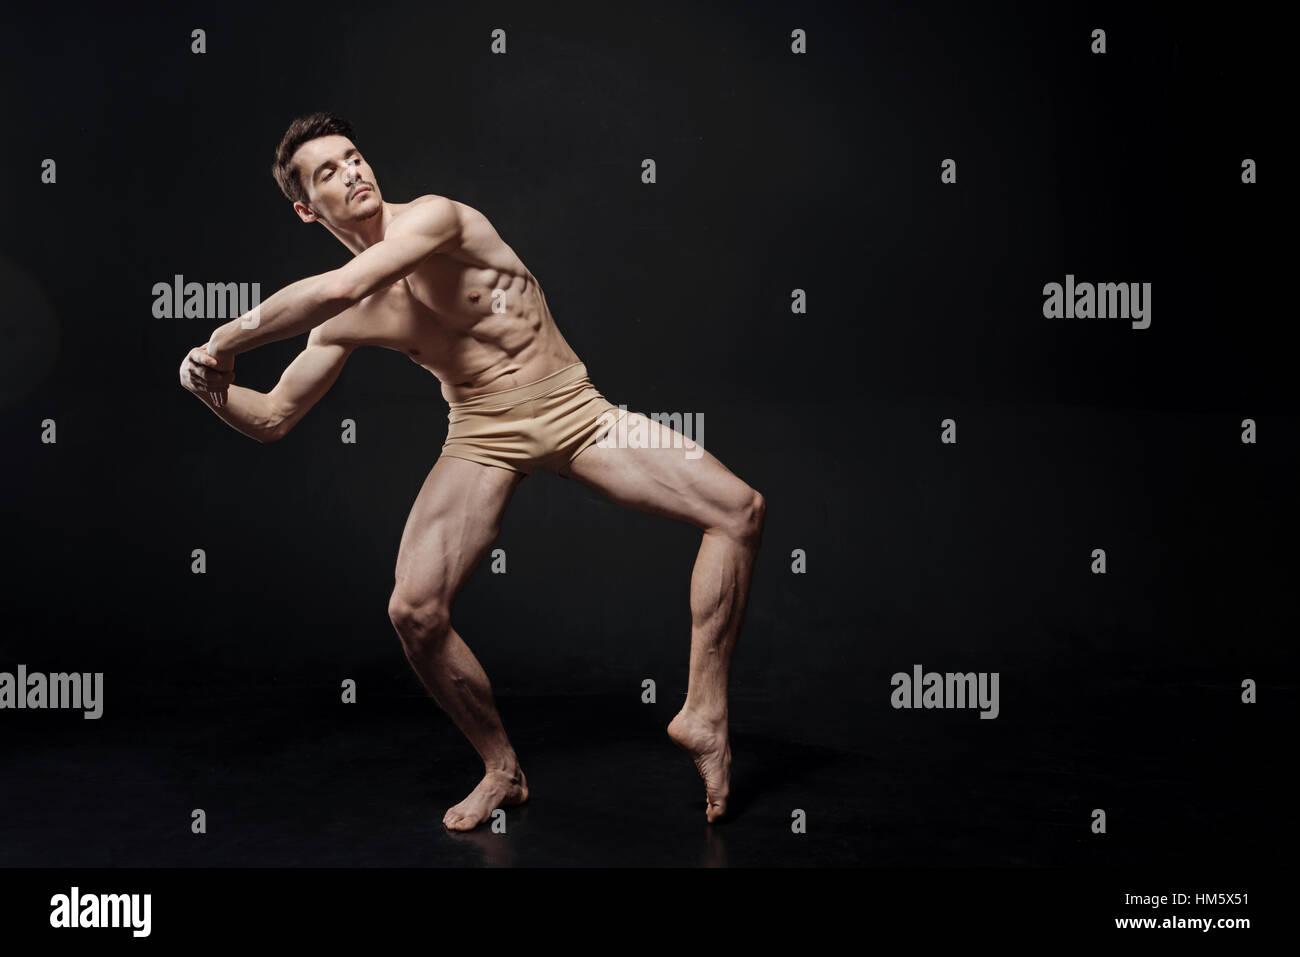 Athlète élastique danser dans le studio de couleur noire Photo Stock